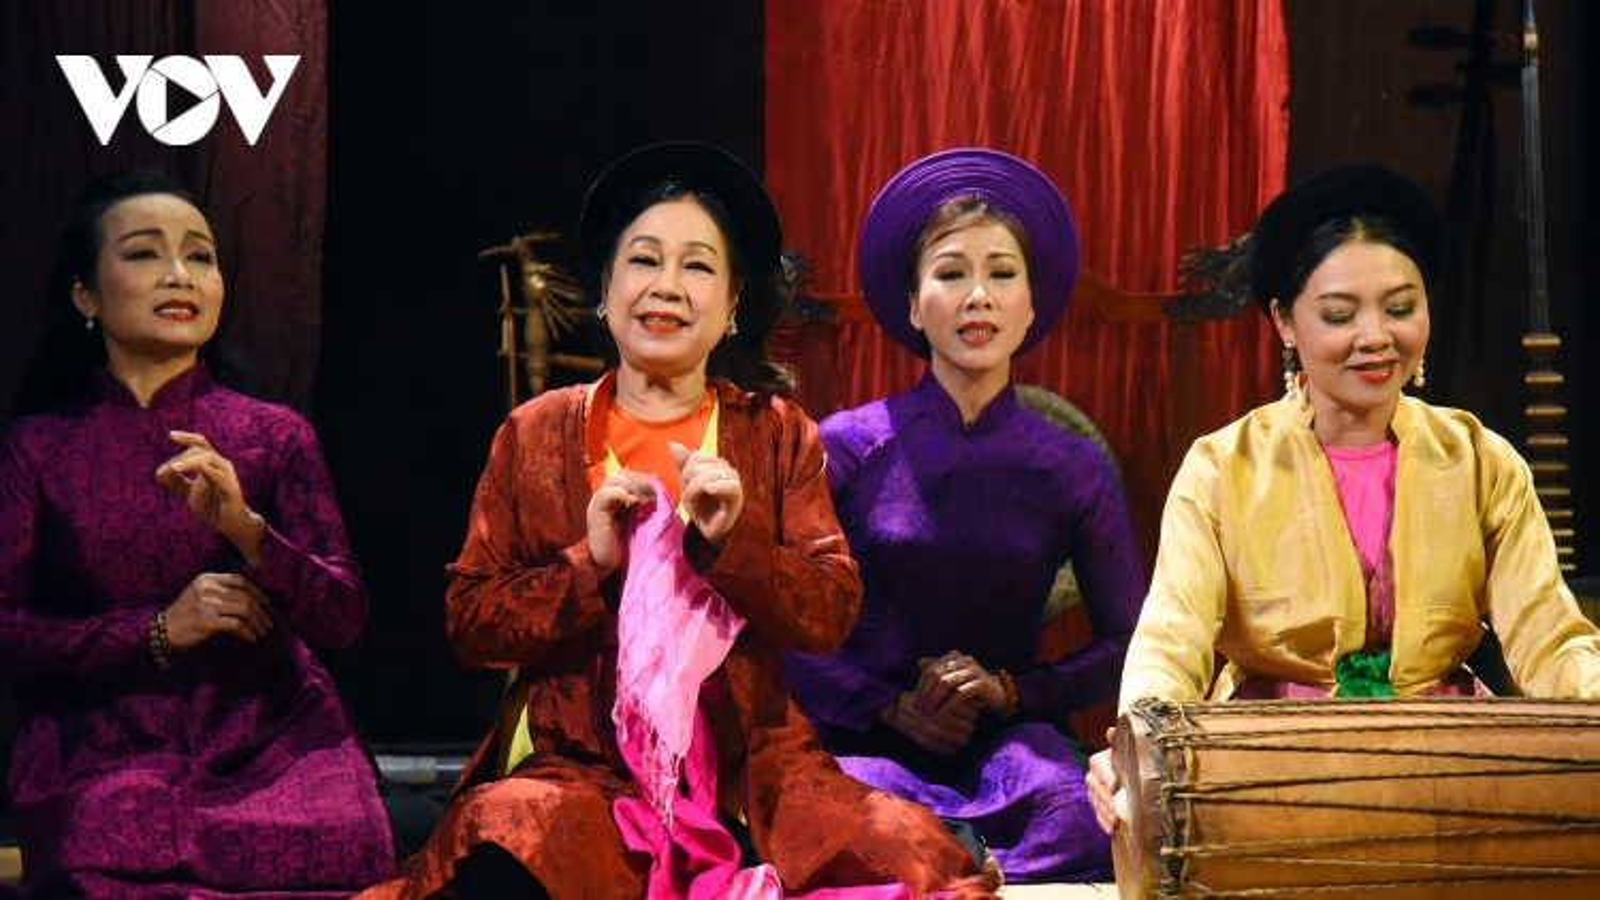 8 thể loại âm nhạc cổ truyền đóng vai trò quan trọng trong văn hóa Việt Nam